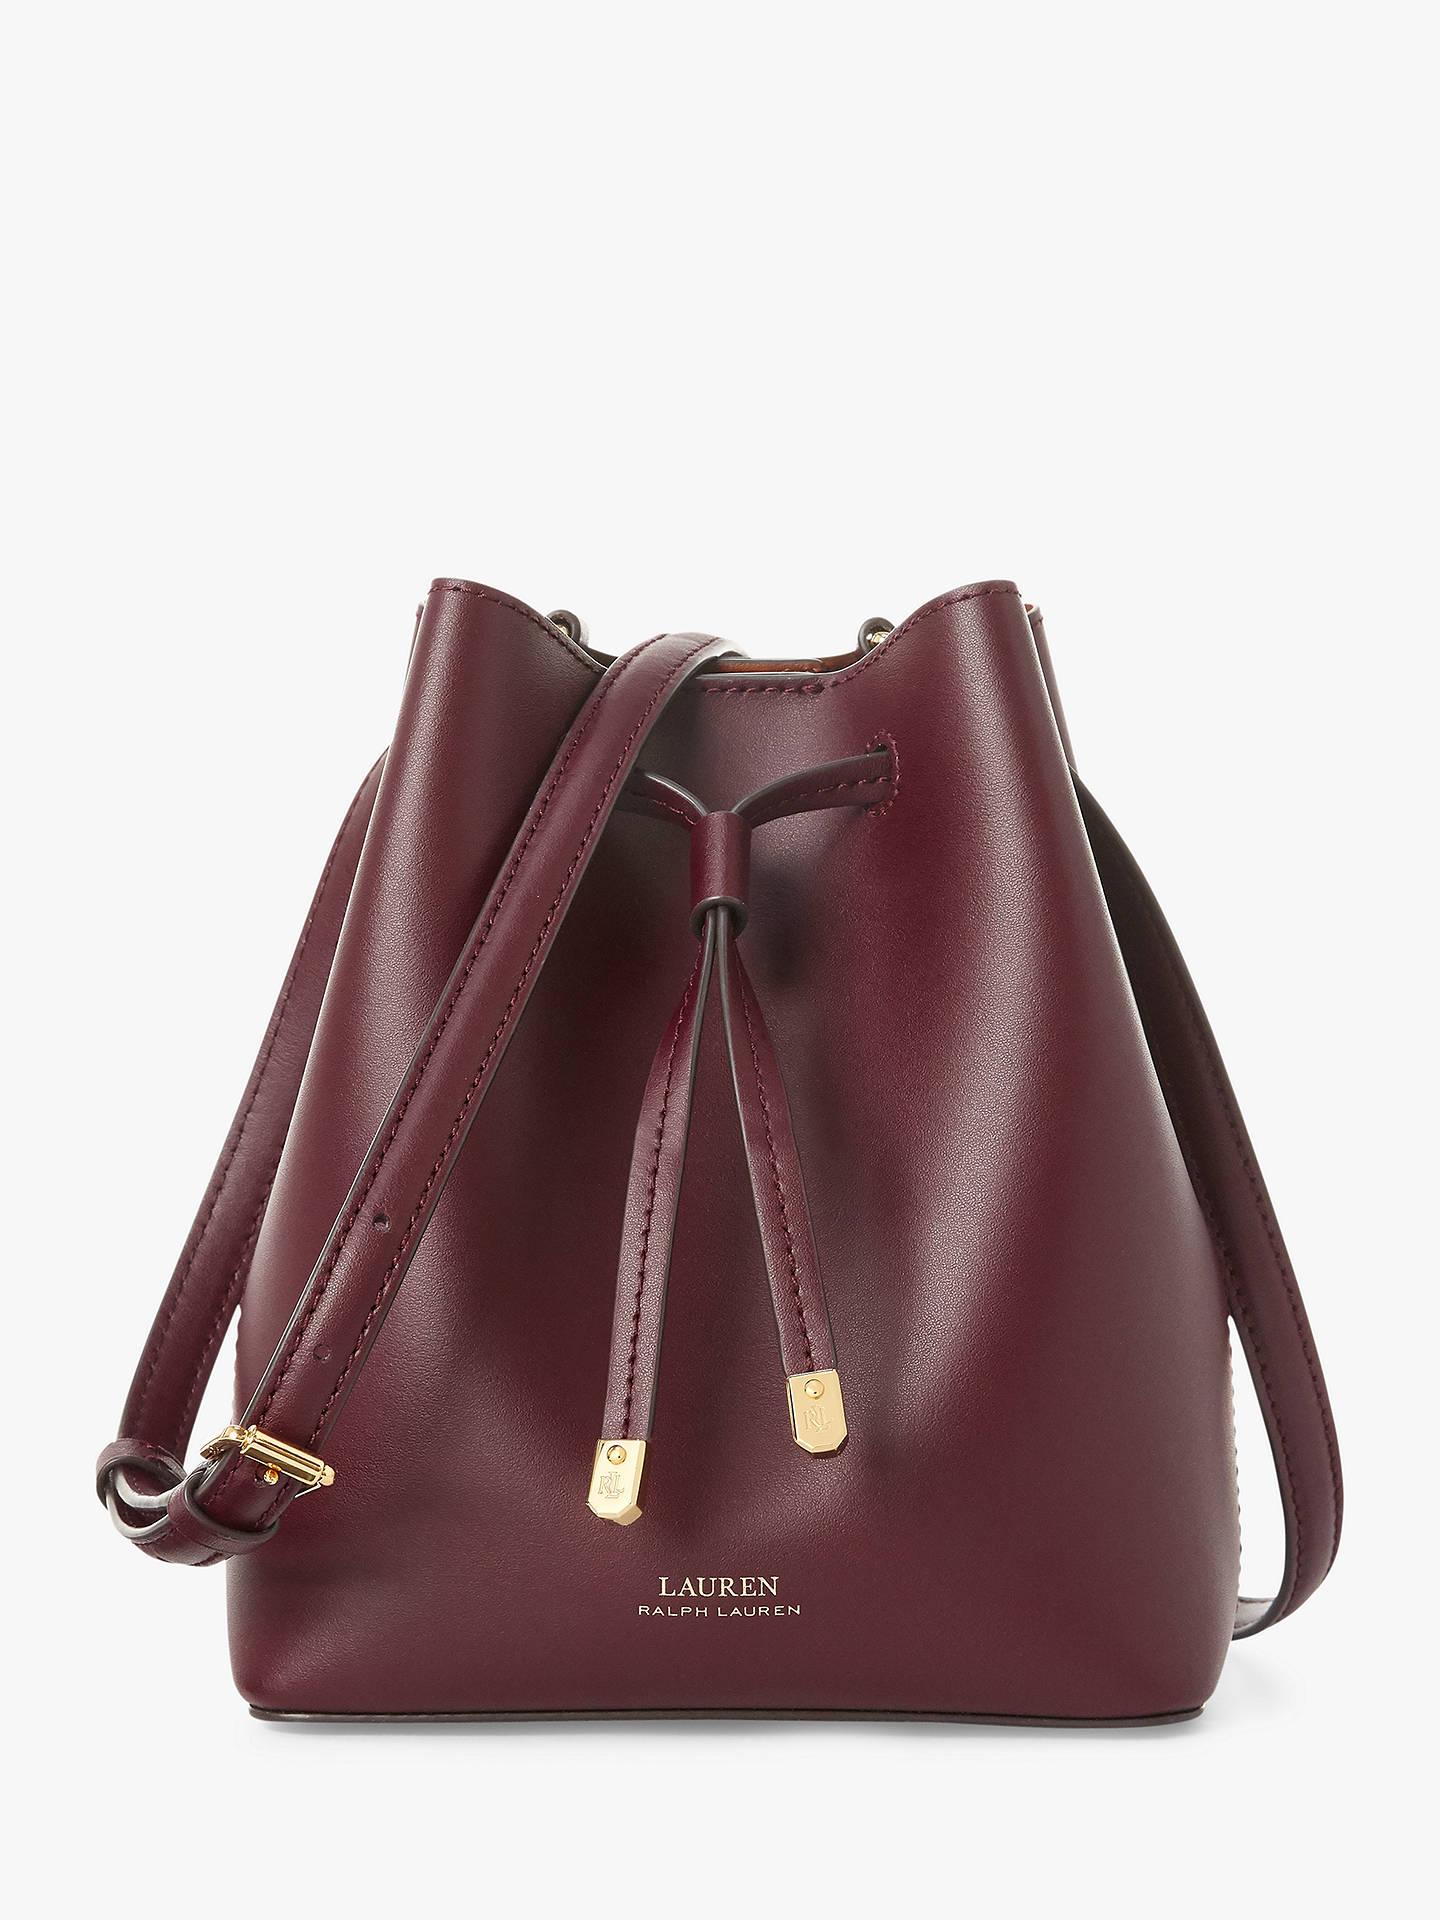 Lauren Ralph Dryden Debby Leather Bucket Bag Bordeaux Field Brown